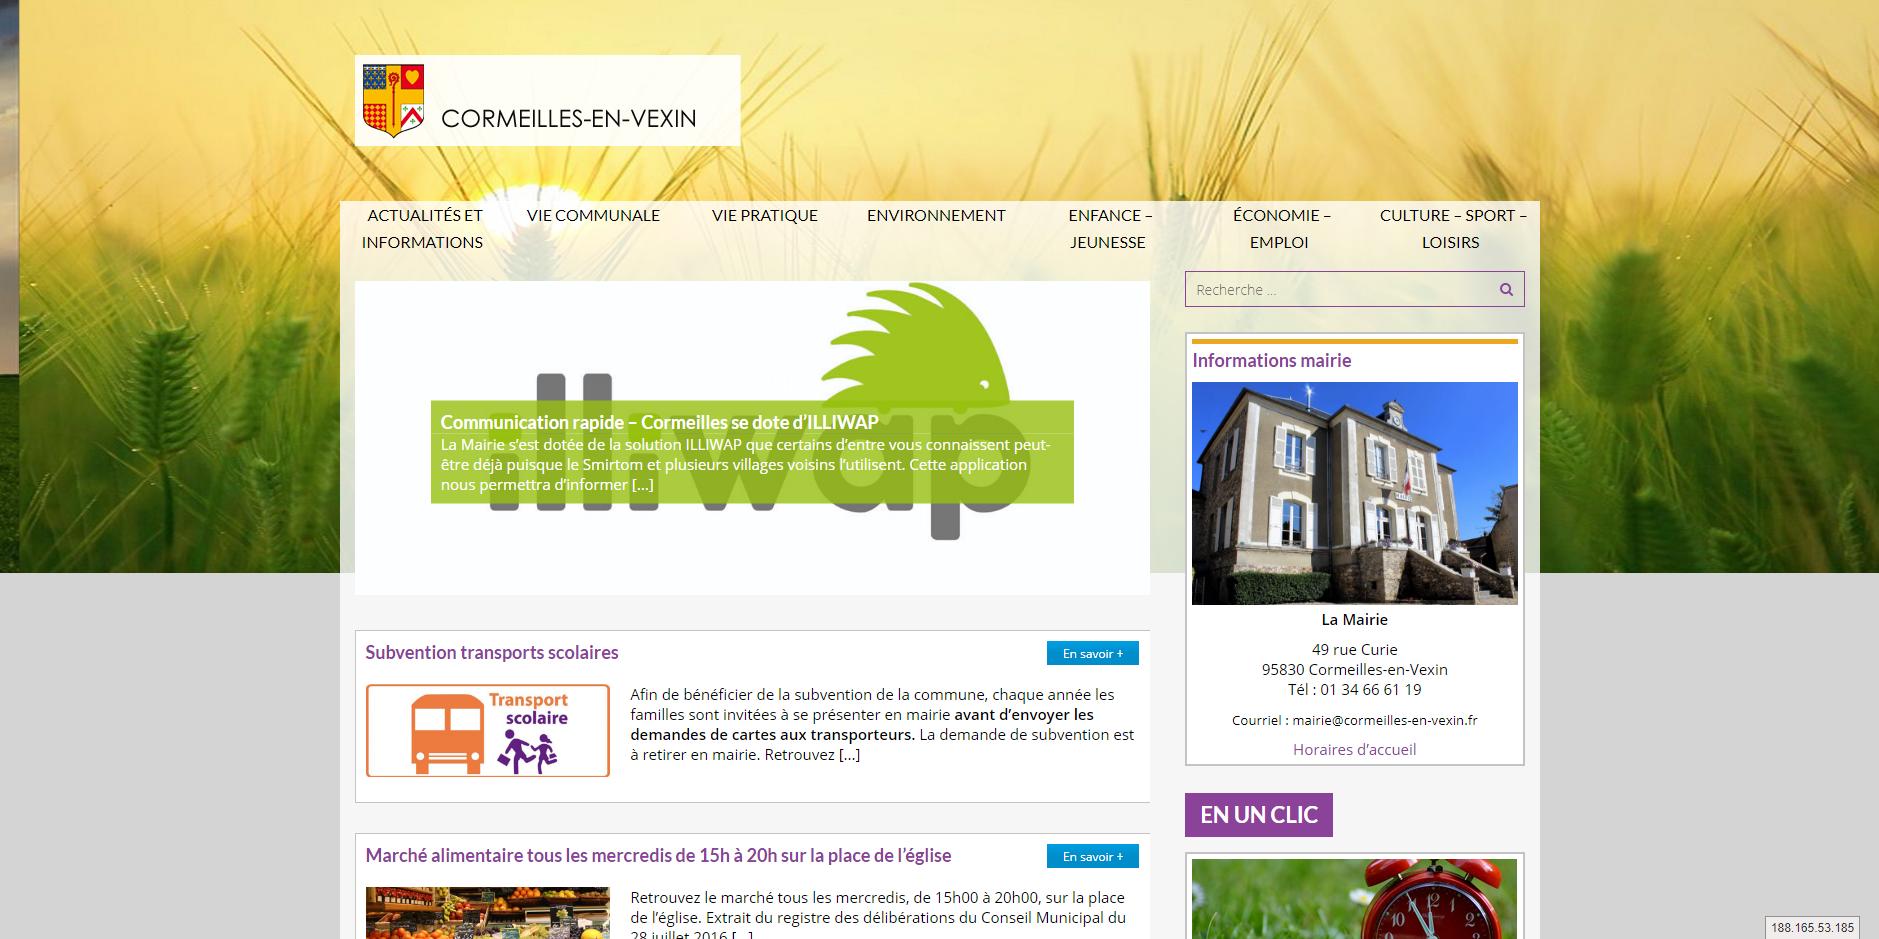 site de Cormeilles-en-vexin